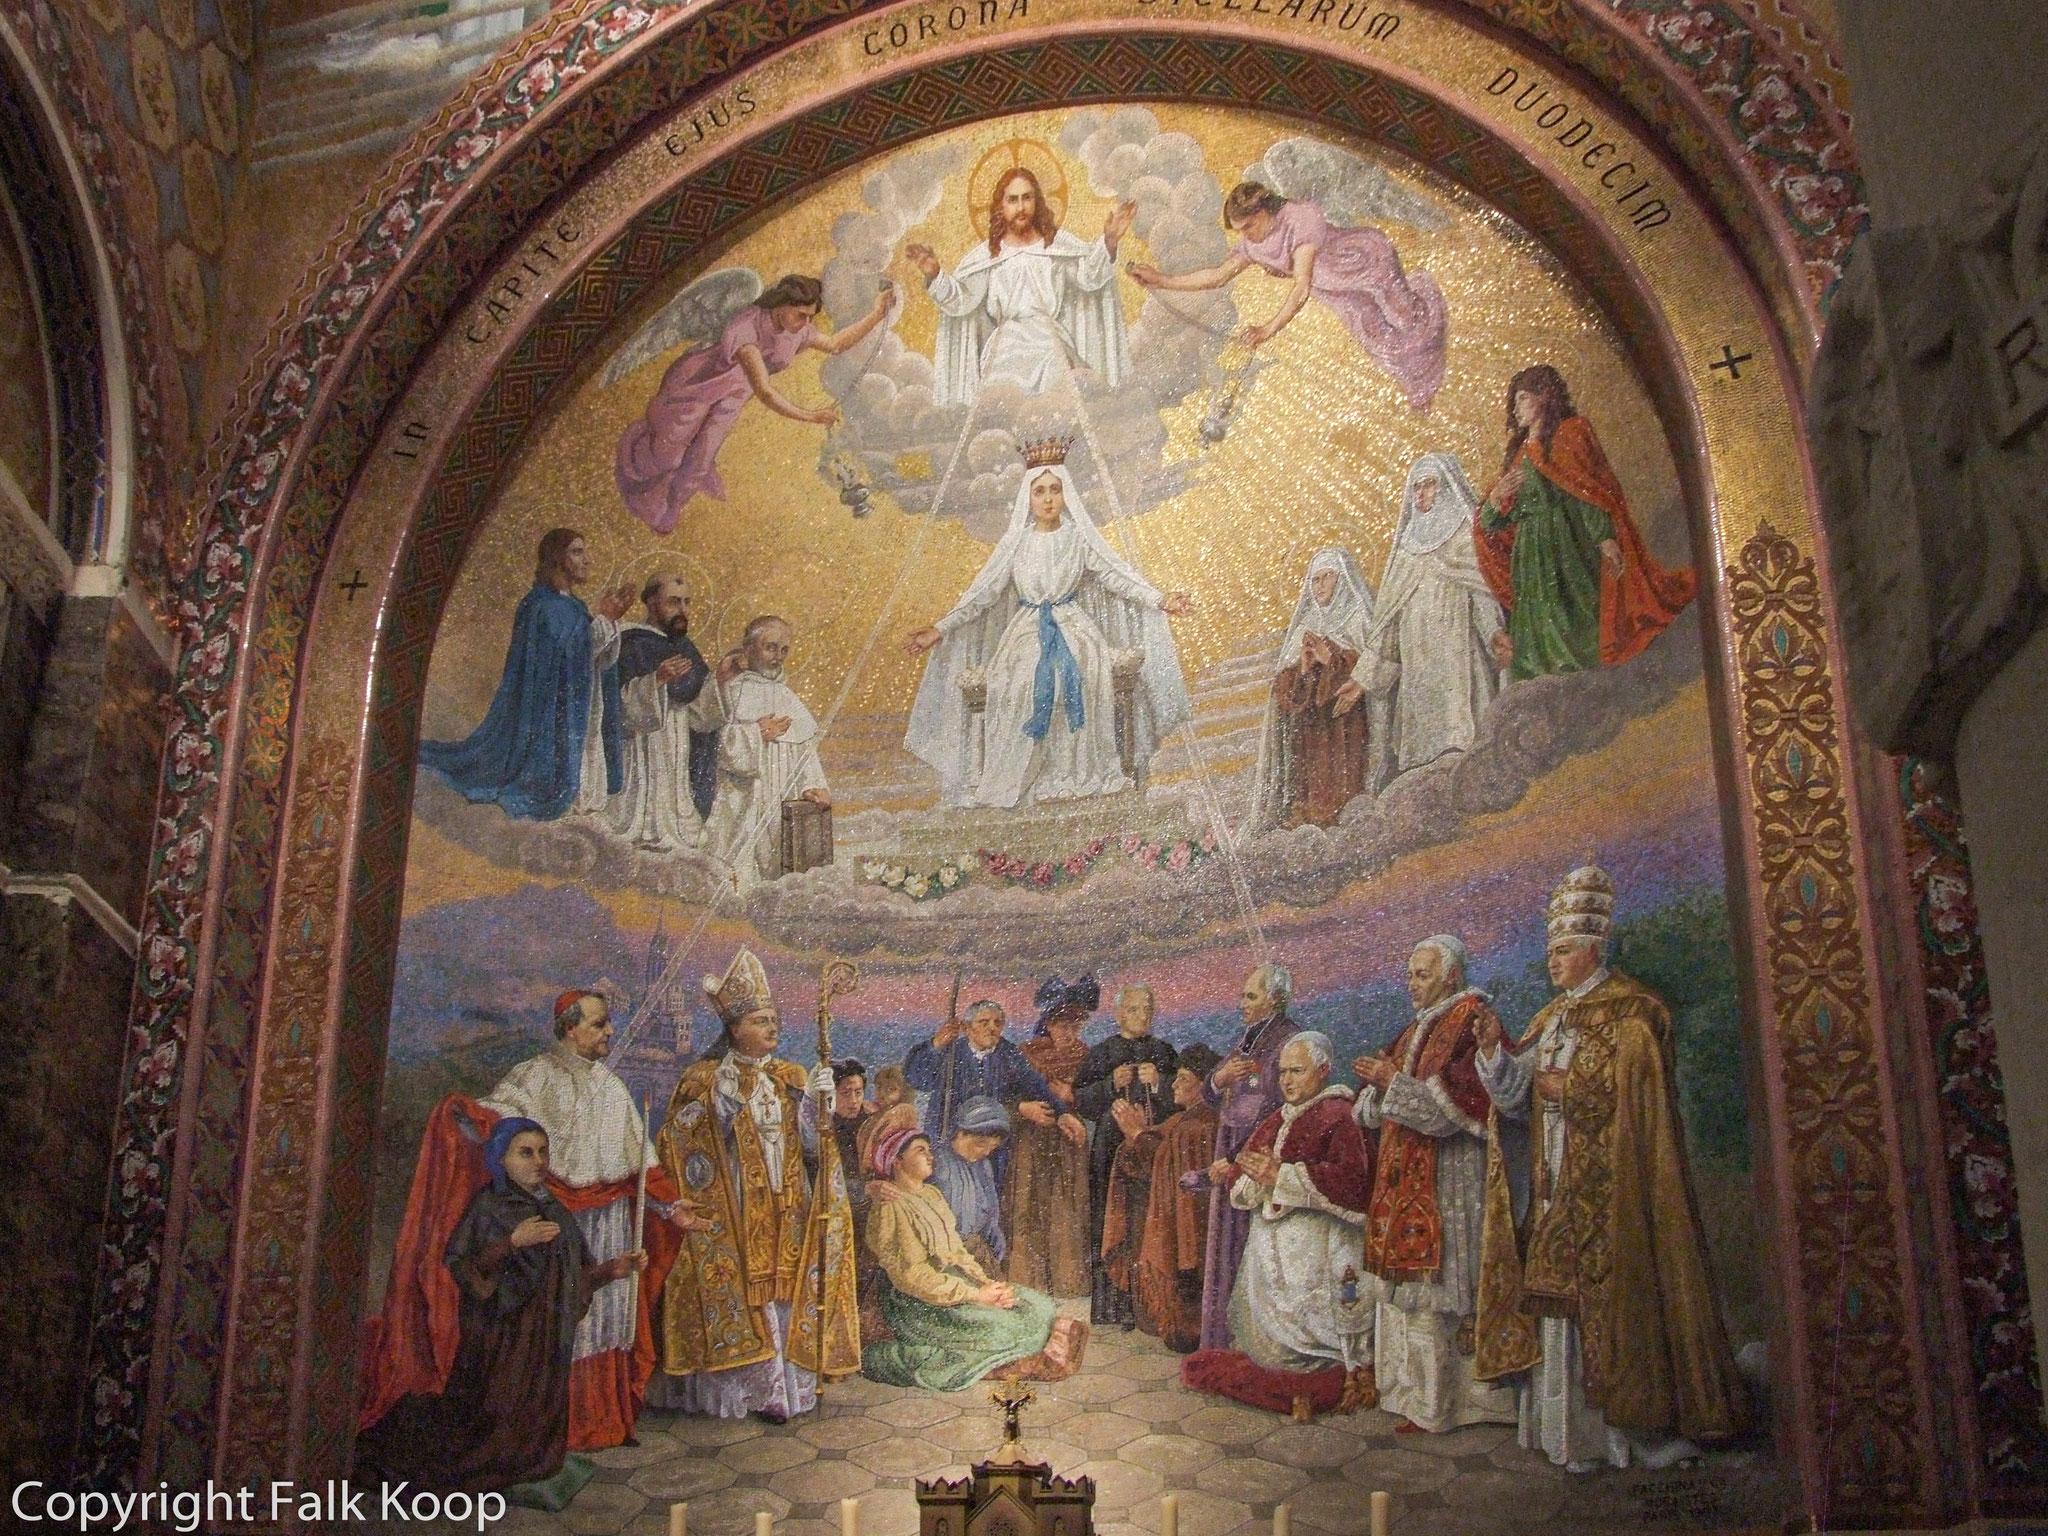 Bild: Im Innern der Rosenkranzbasilika in Lourdes